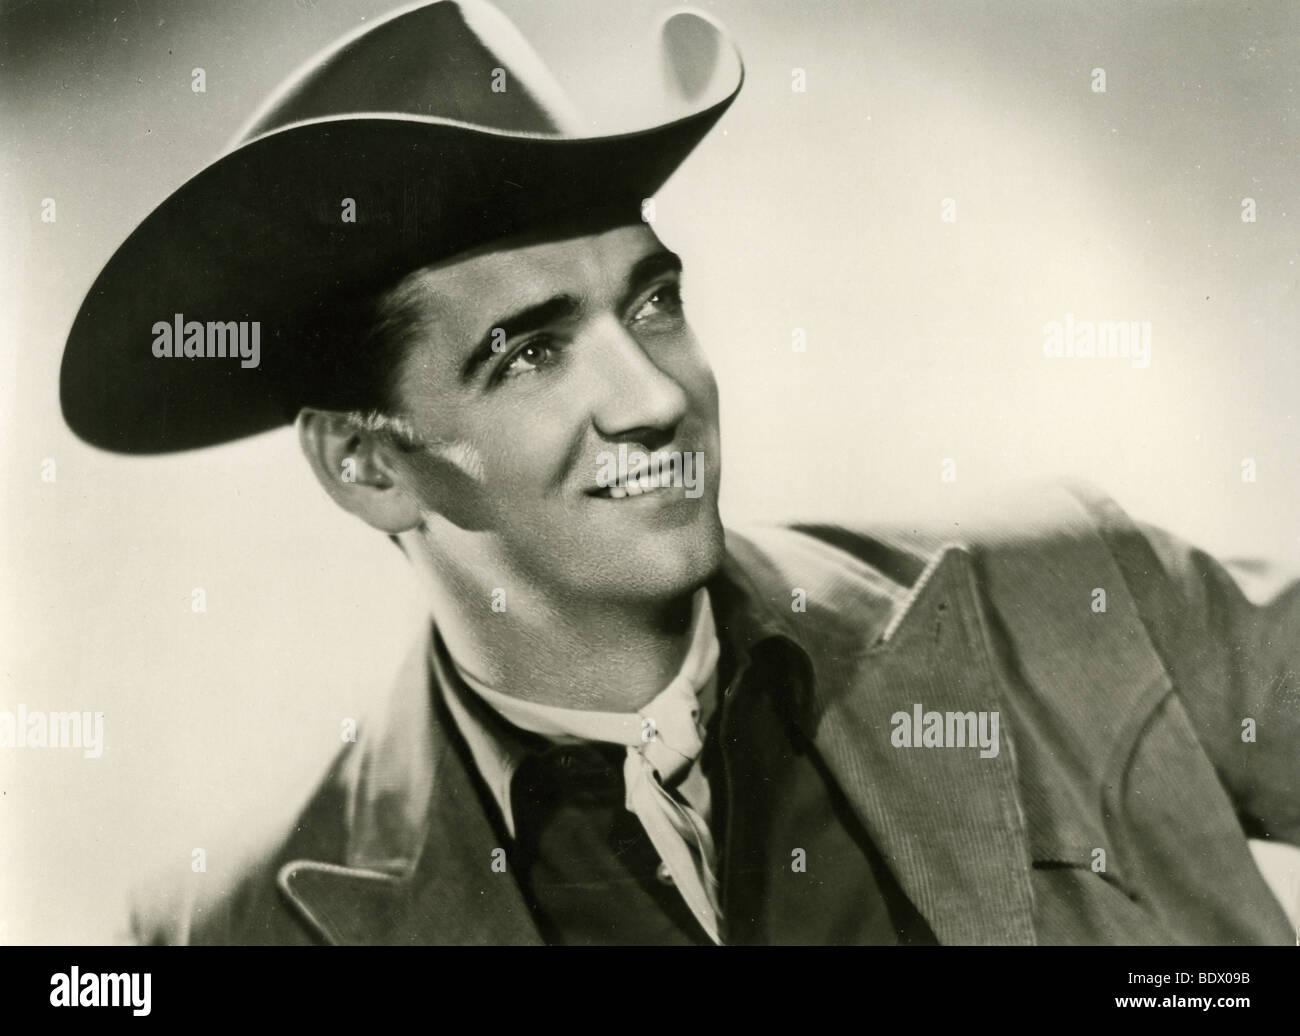 CARL SMITH - noi County e musicista occidentale Immagini Stock